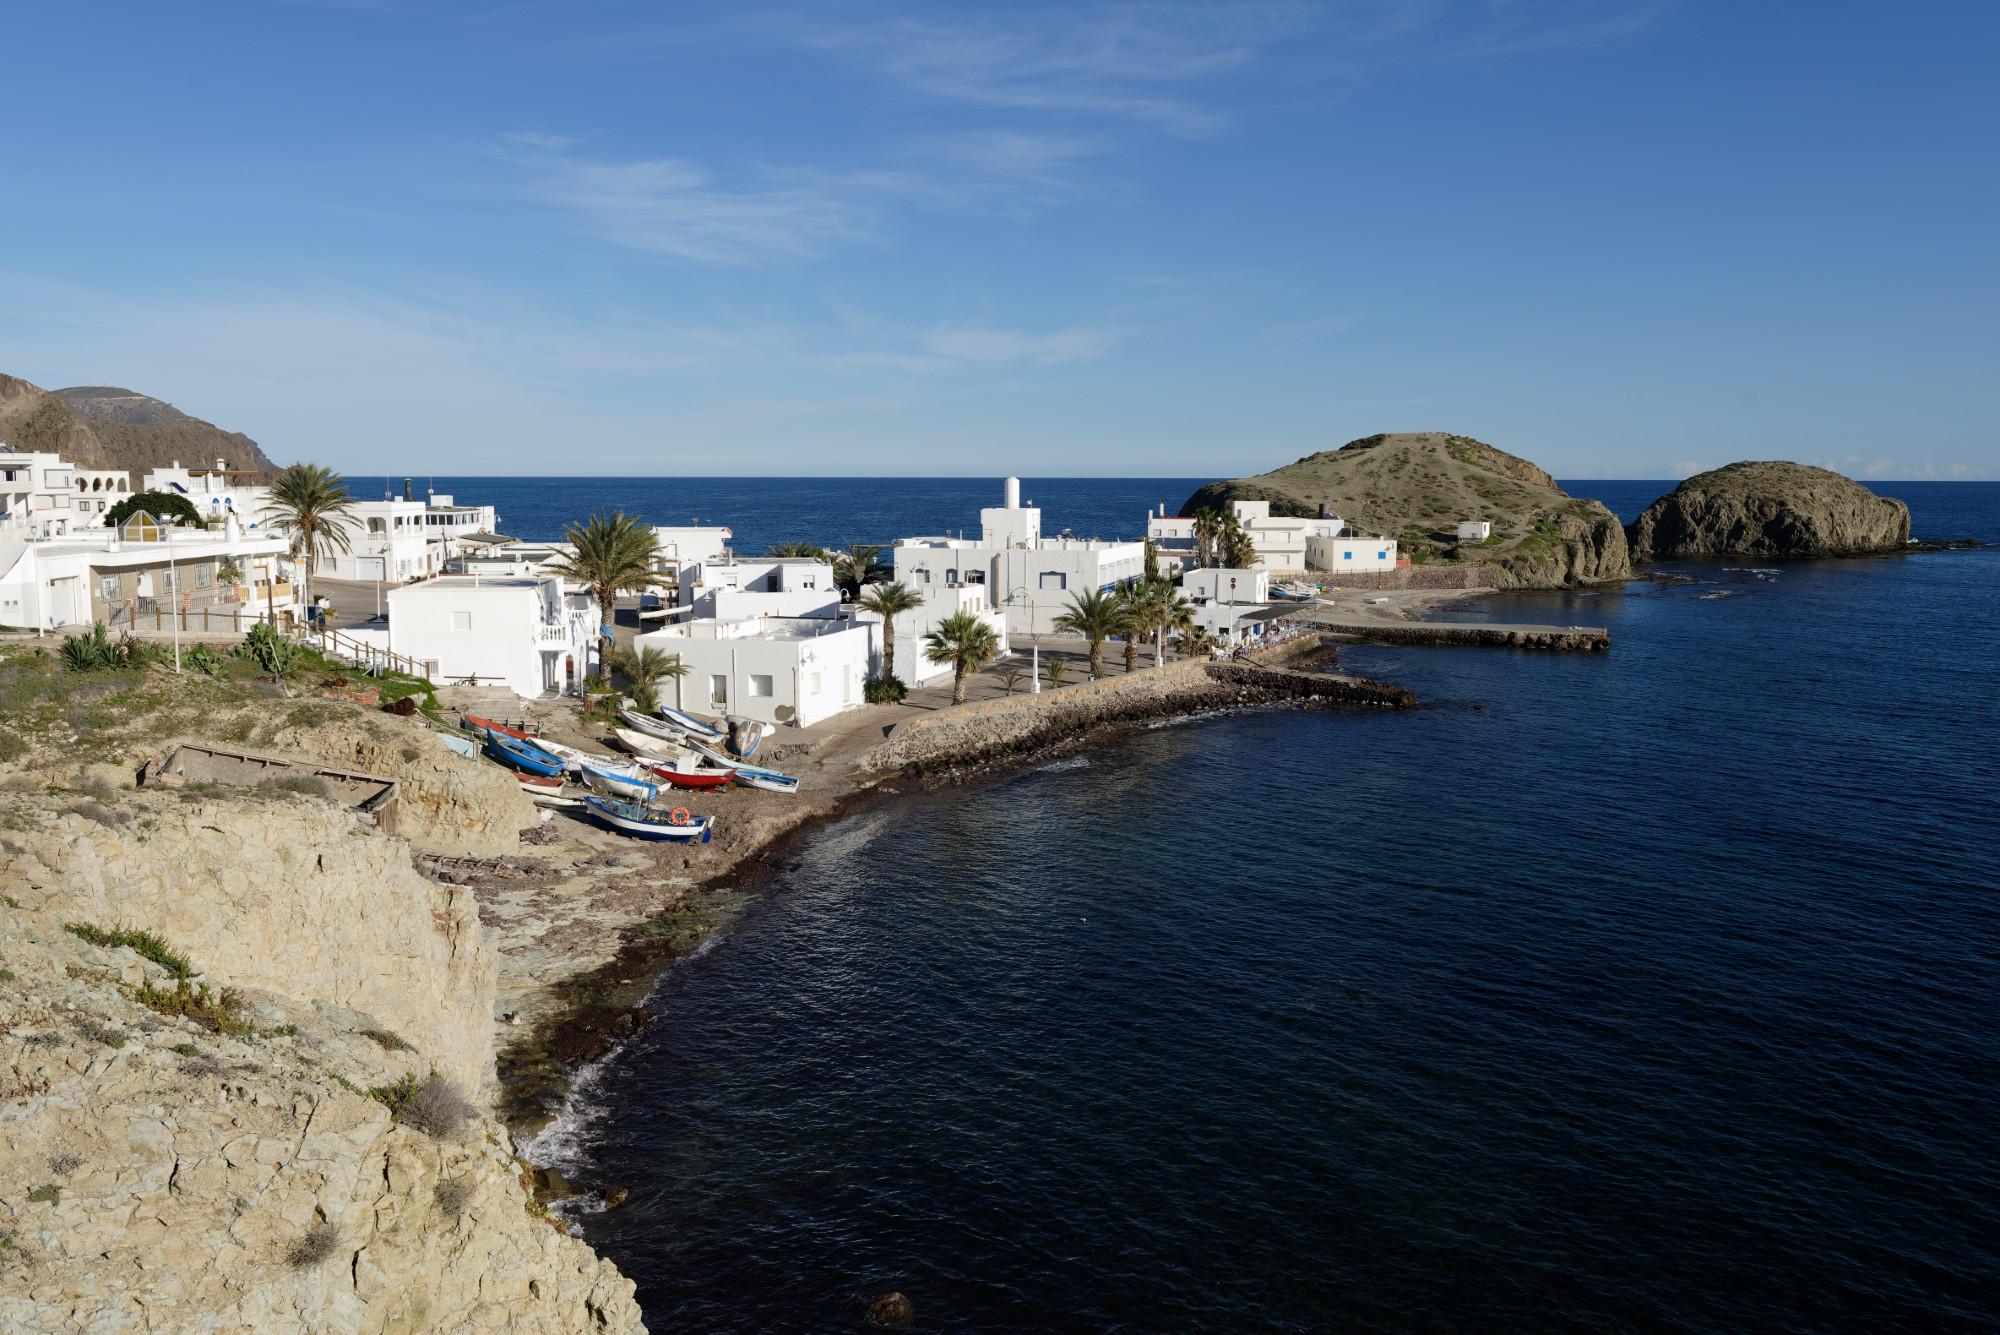 171218-La Isleta del Moro (Cabo de Gata-Andalousie) (46)